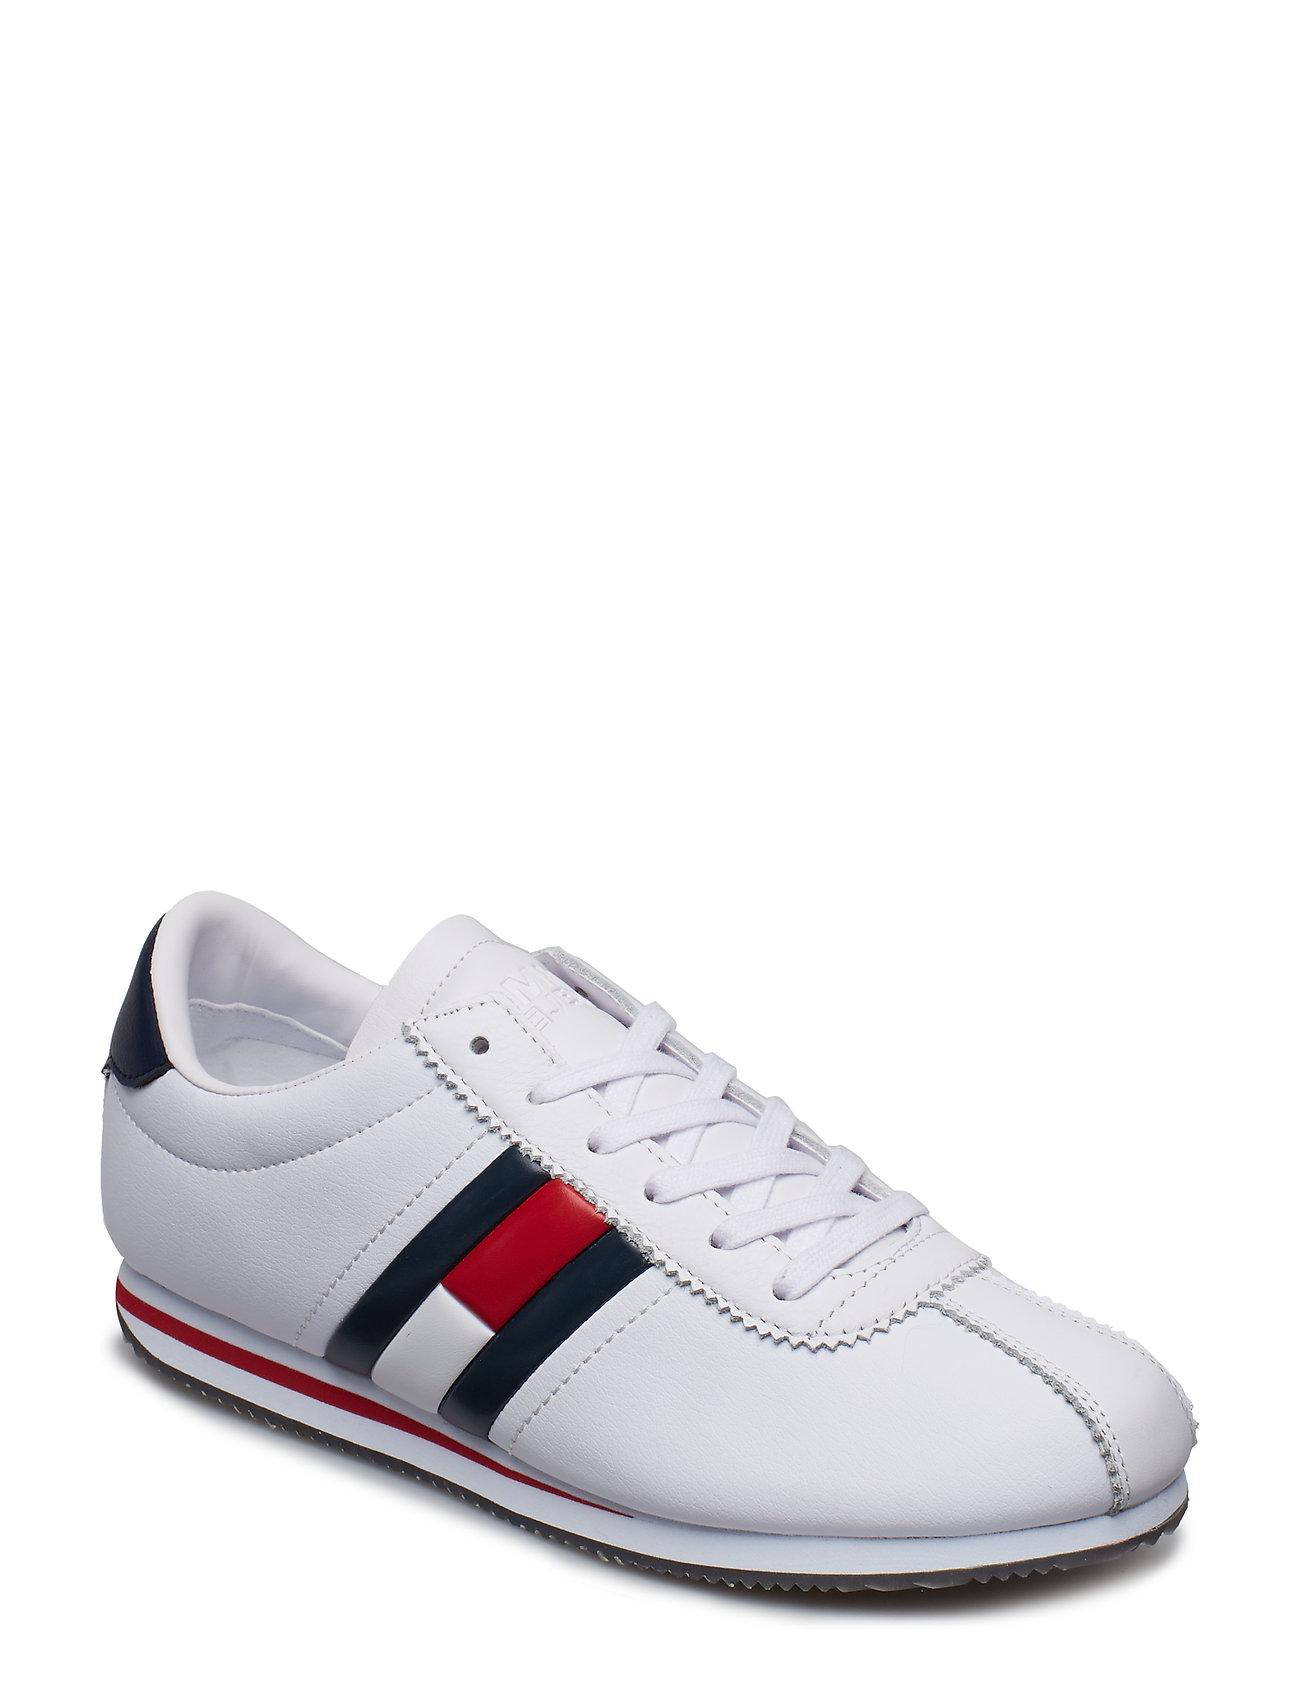 4d38a03ef99 Trey 1a1 sneakers fra Tommy Hilfiger til herre i Hvid - Pashion.dk